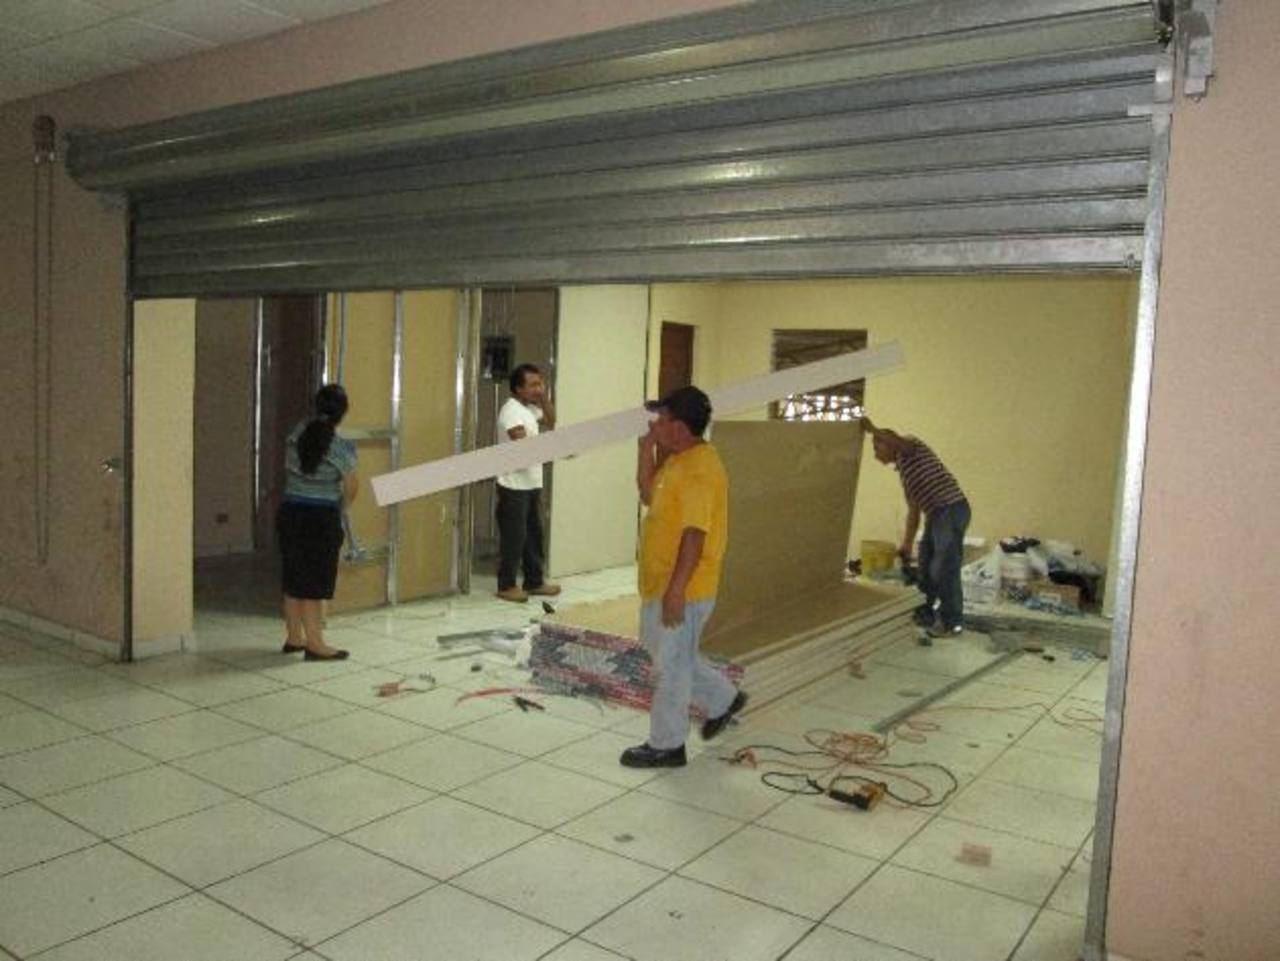 La construcción de la ventanilla tendrá una costo de $4,271; mientras que la clínica, $2,956.El alcalde Roberto Aquino supervisó los trabajos. Fotos EDH /cortesía